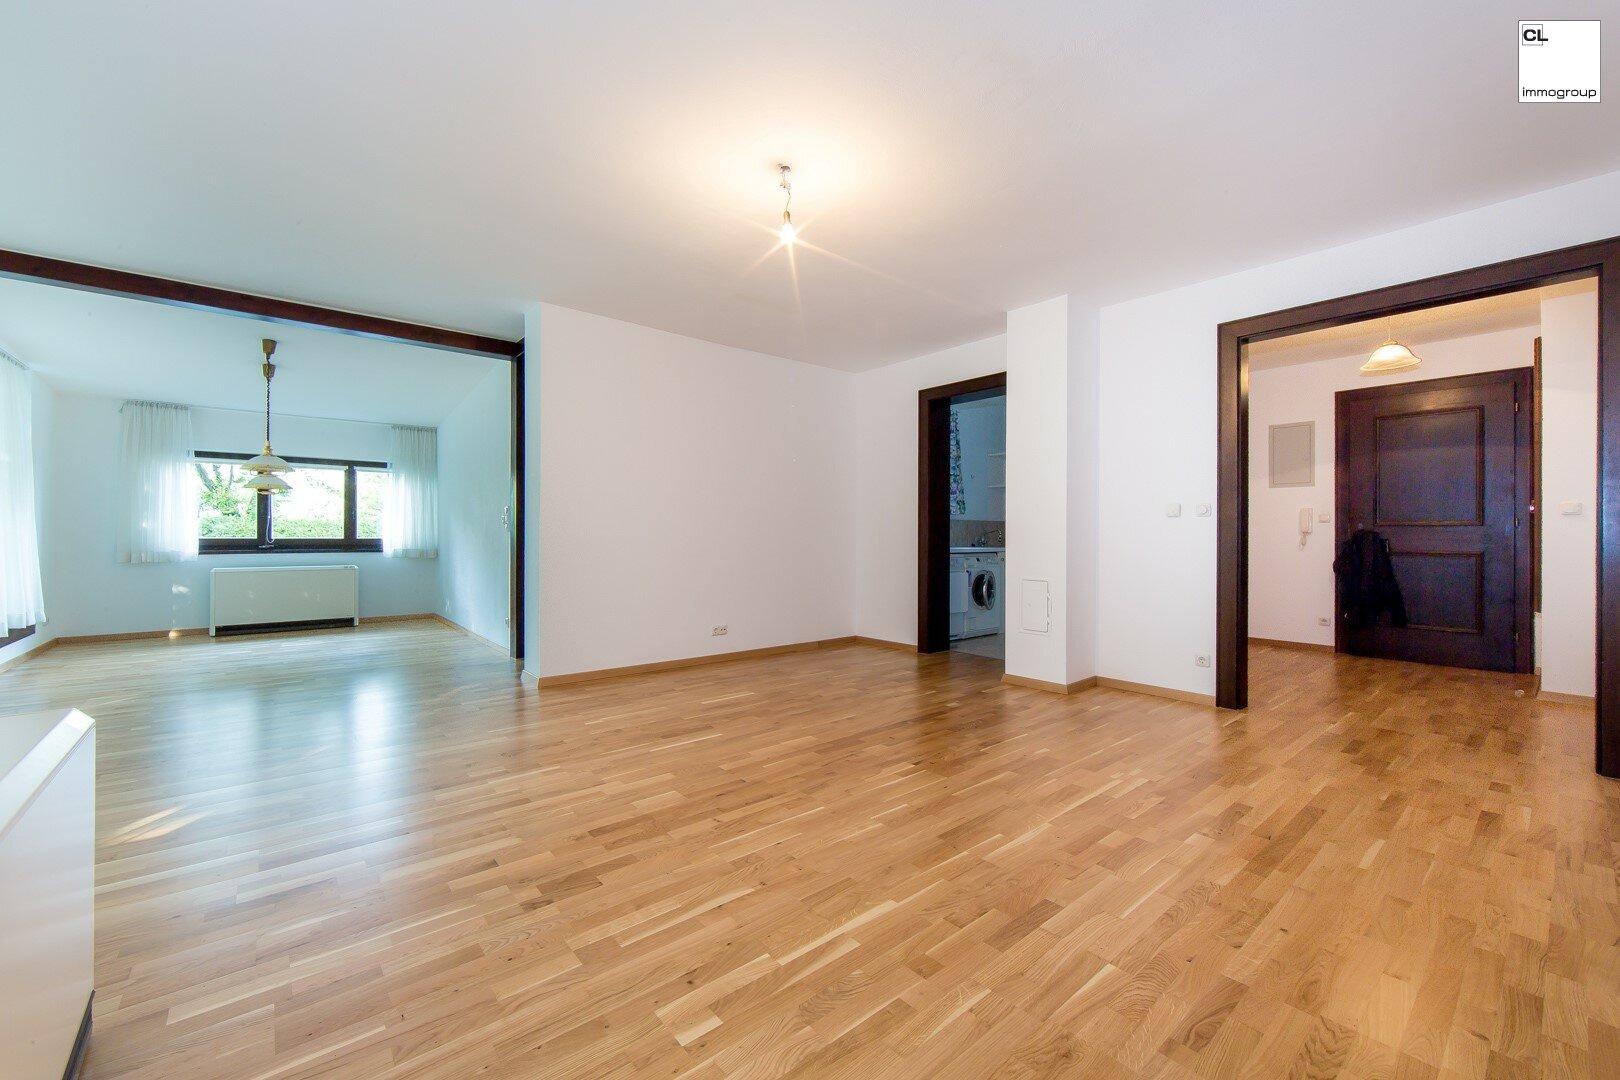 Blick von Wohnzimmer in den Vorraum und in den Abstellraum